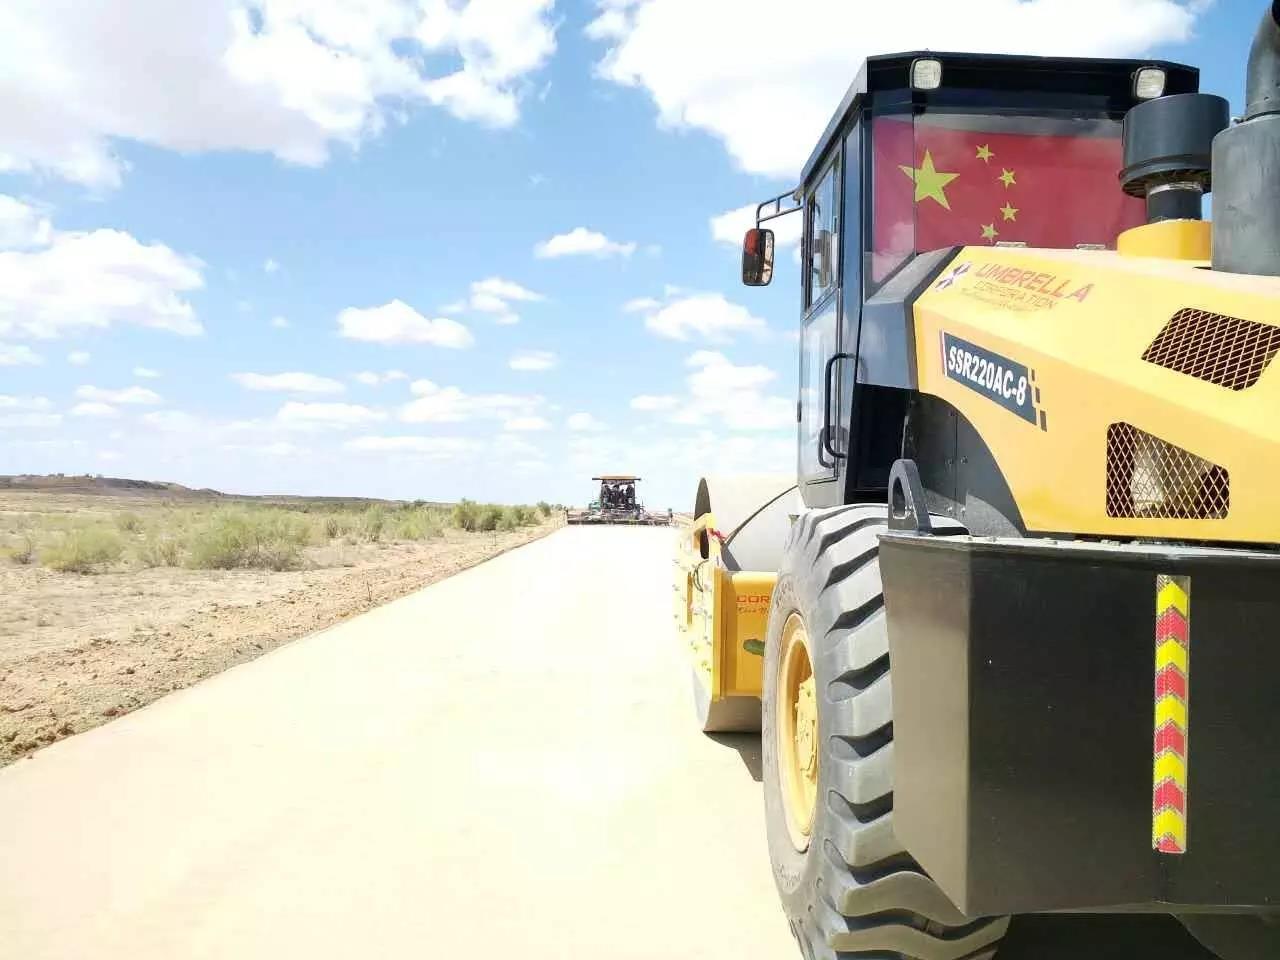 印度撤军!!中国制造是守卫国家的坚强后盾!